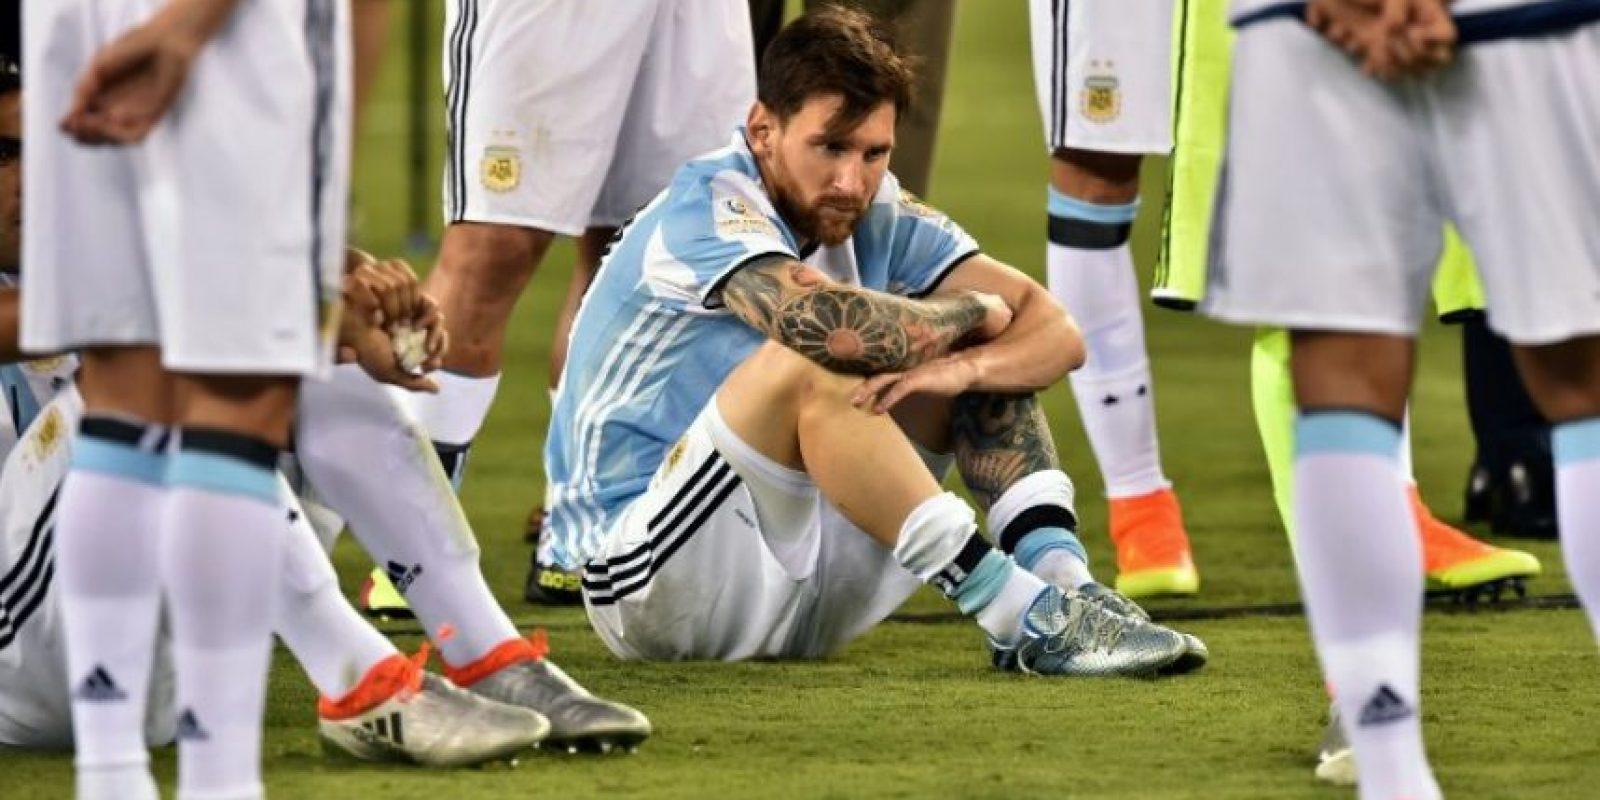 El trasandino perdió su penal y no pudo cortar la racha de 23 años sin títulos Foto:AFP